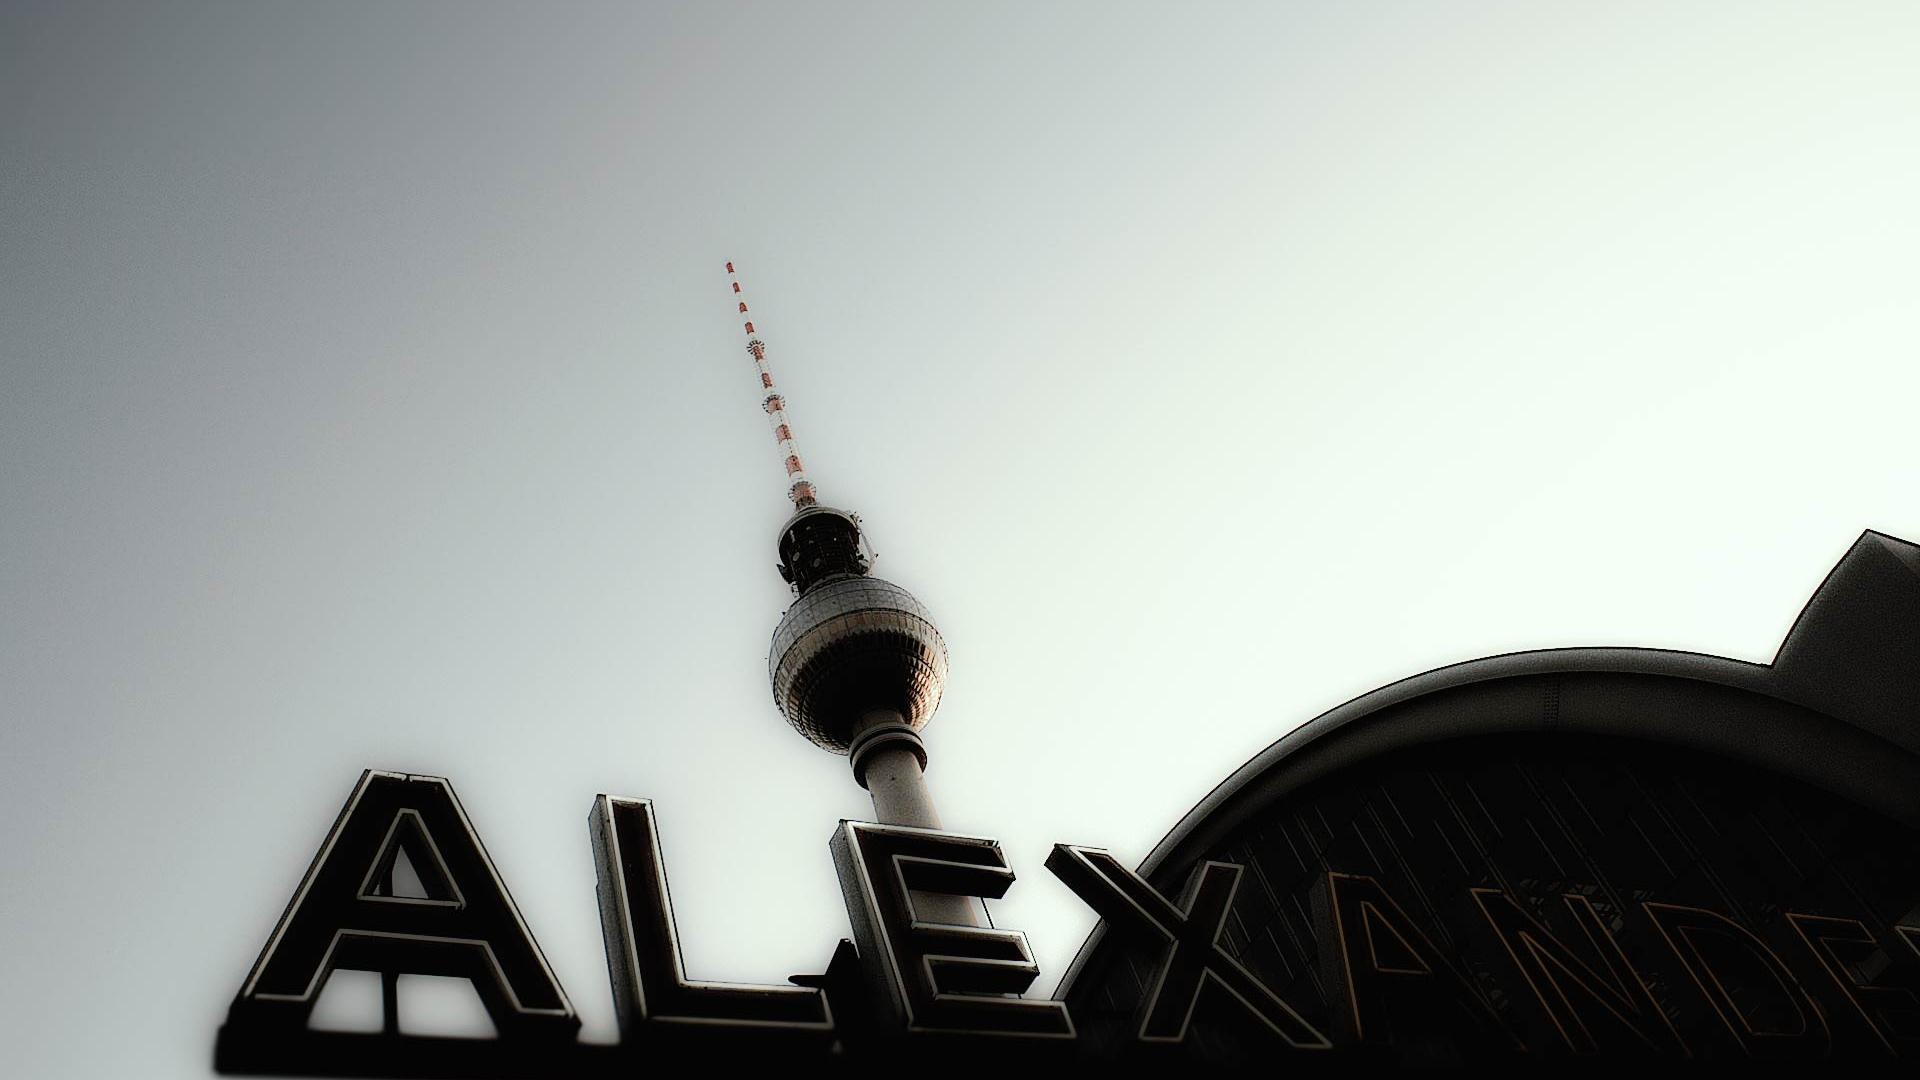 Berlin Alexanderplatz mit Blick auf den Fernsehturm. © 2008 Wolfgang Beinert, Berlin.